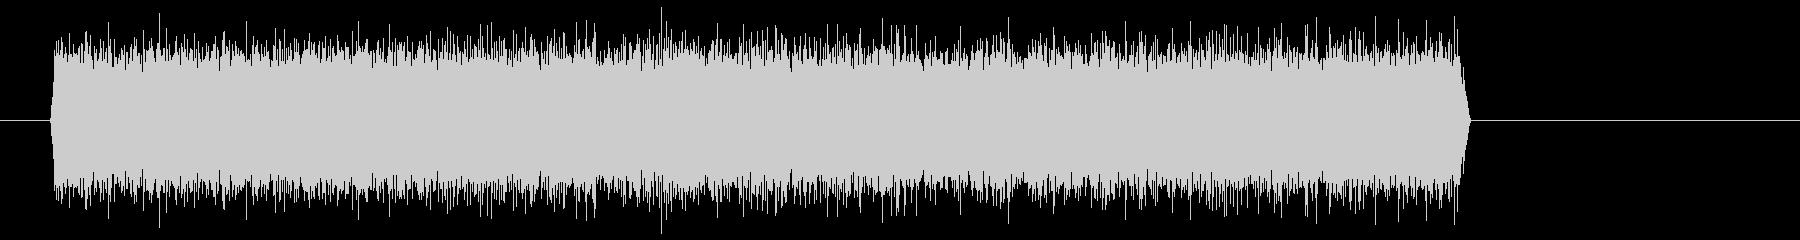 シュー(噴射音) 02の未再生の波形